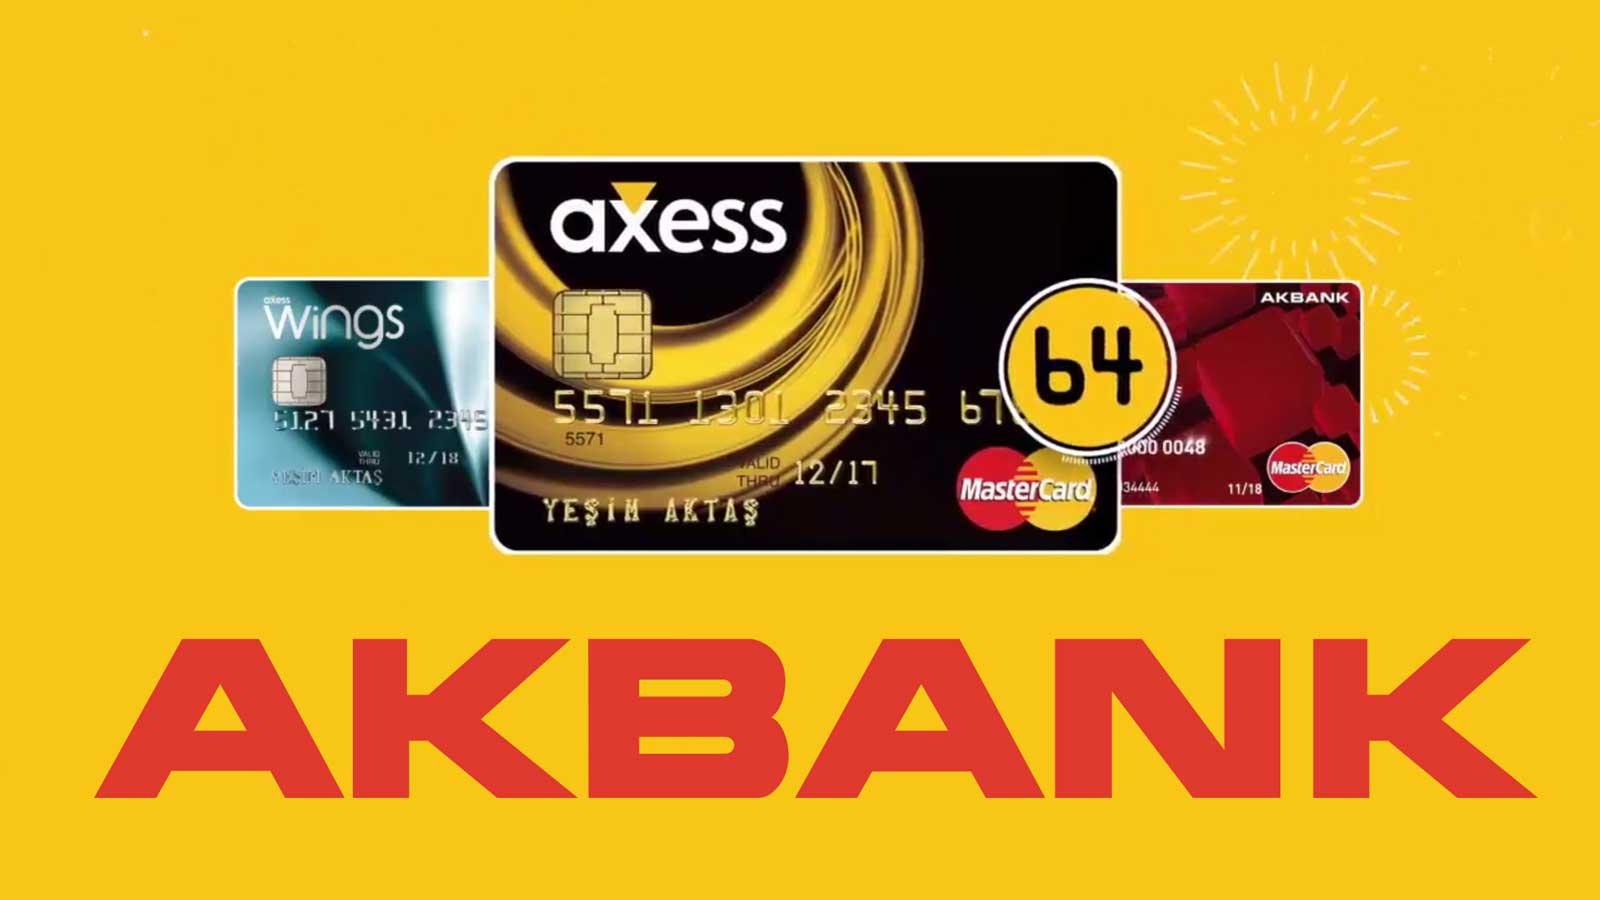 Akbank Maksimum Limit Anında Onaylı Kredi Kartı